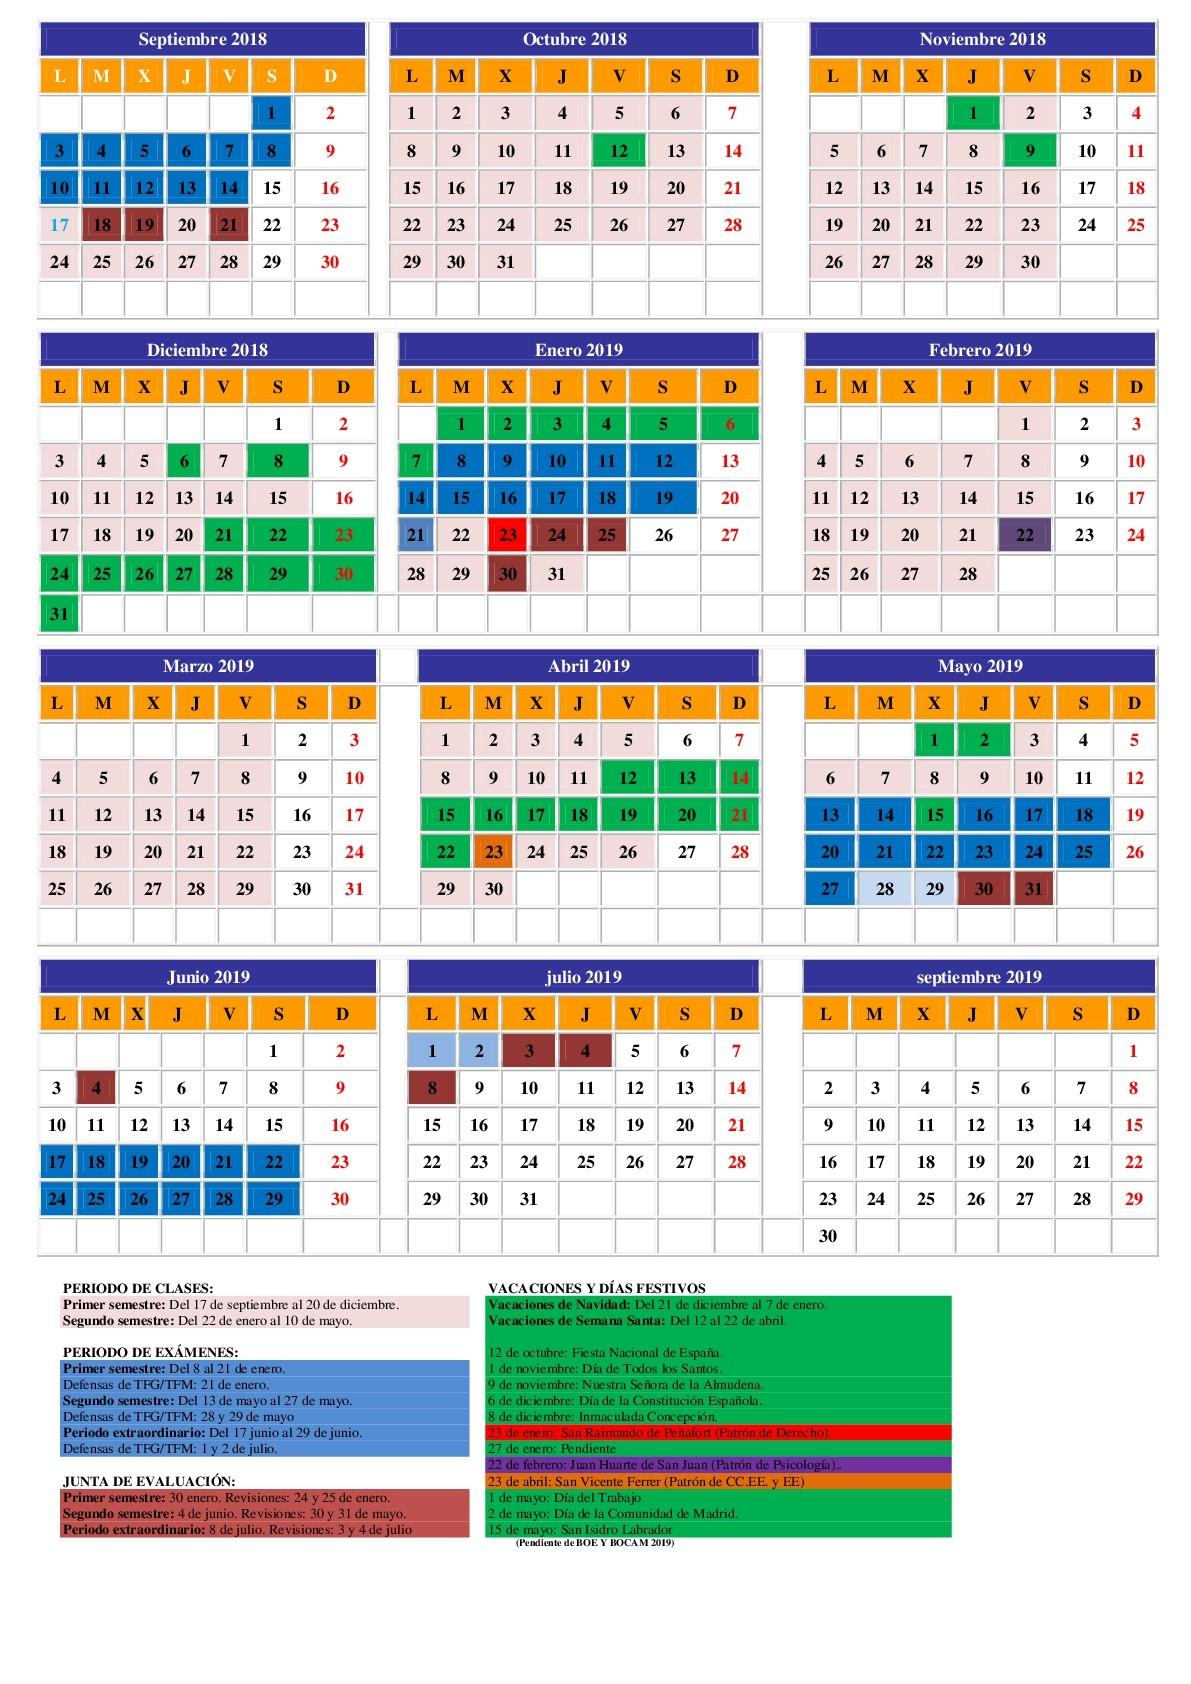 Calendario 2019 Festivos Más Populares Calendario Académico Ces Cardenal Cisneros De Madrid Of Calendario 2019 Festivos Más Reciente Calendario Laboral 2019 Publicado En El Boe